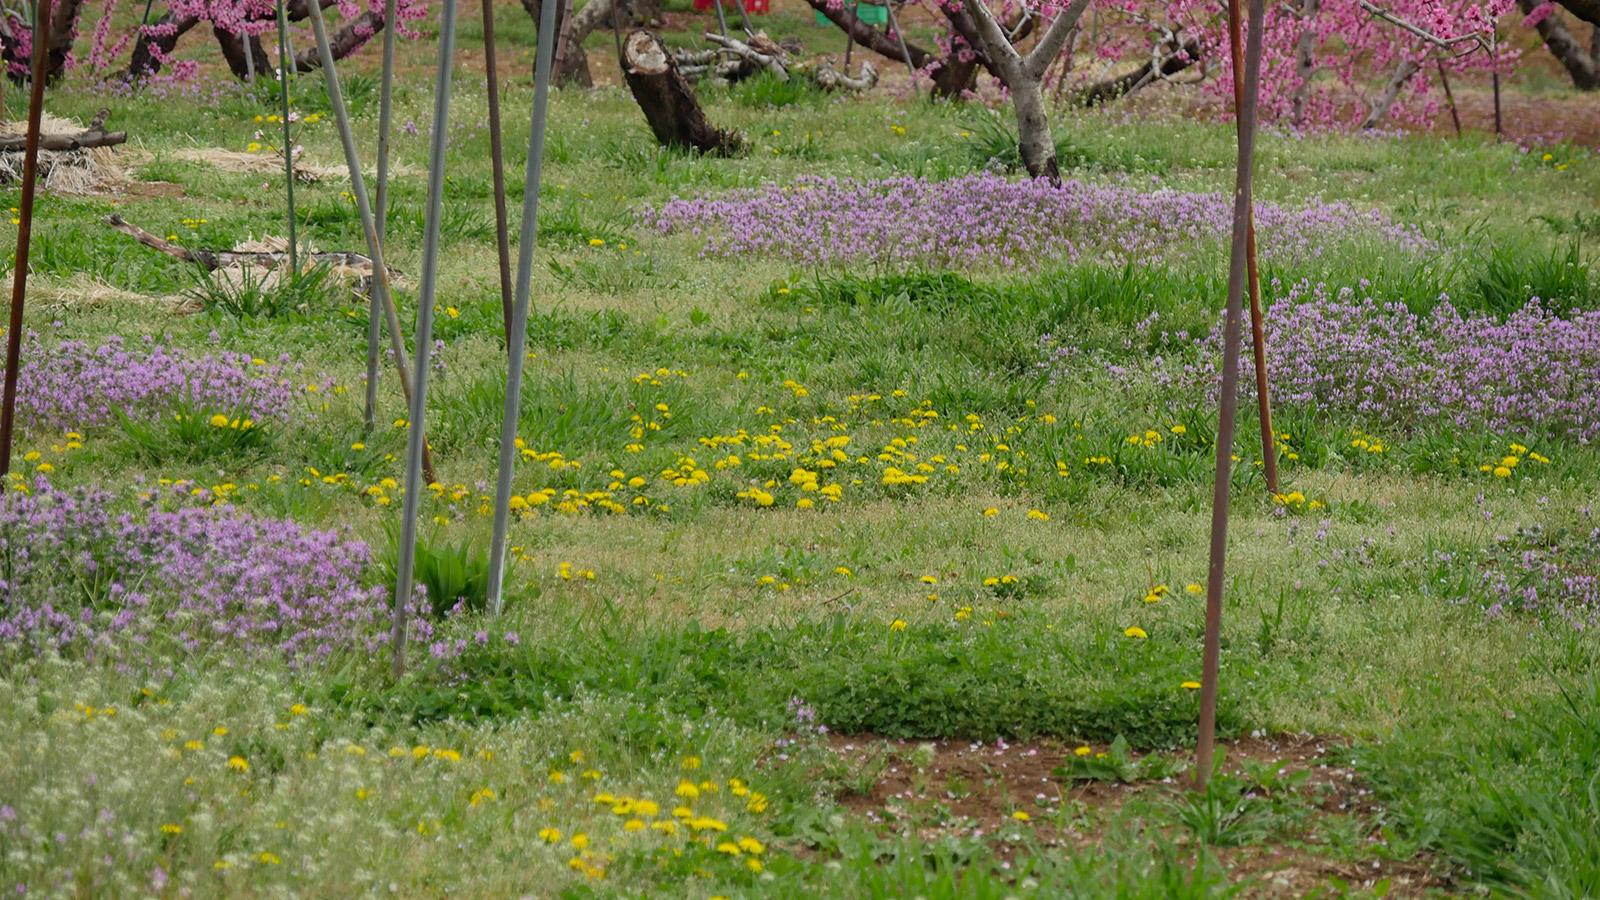 桃の花に目が行きがちですが、下草の野草もキレイに咲いています。